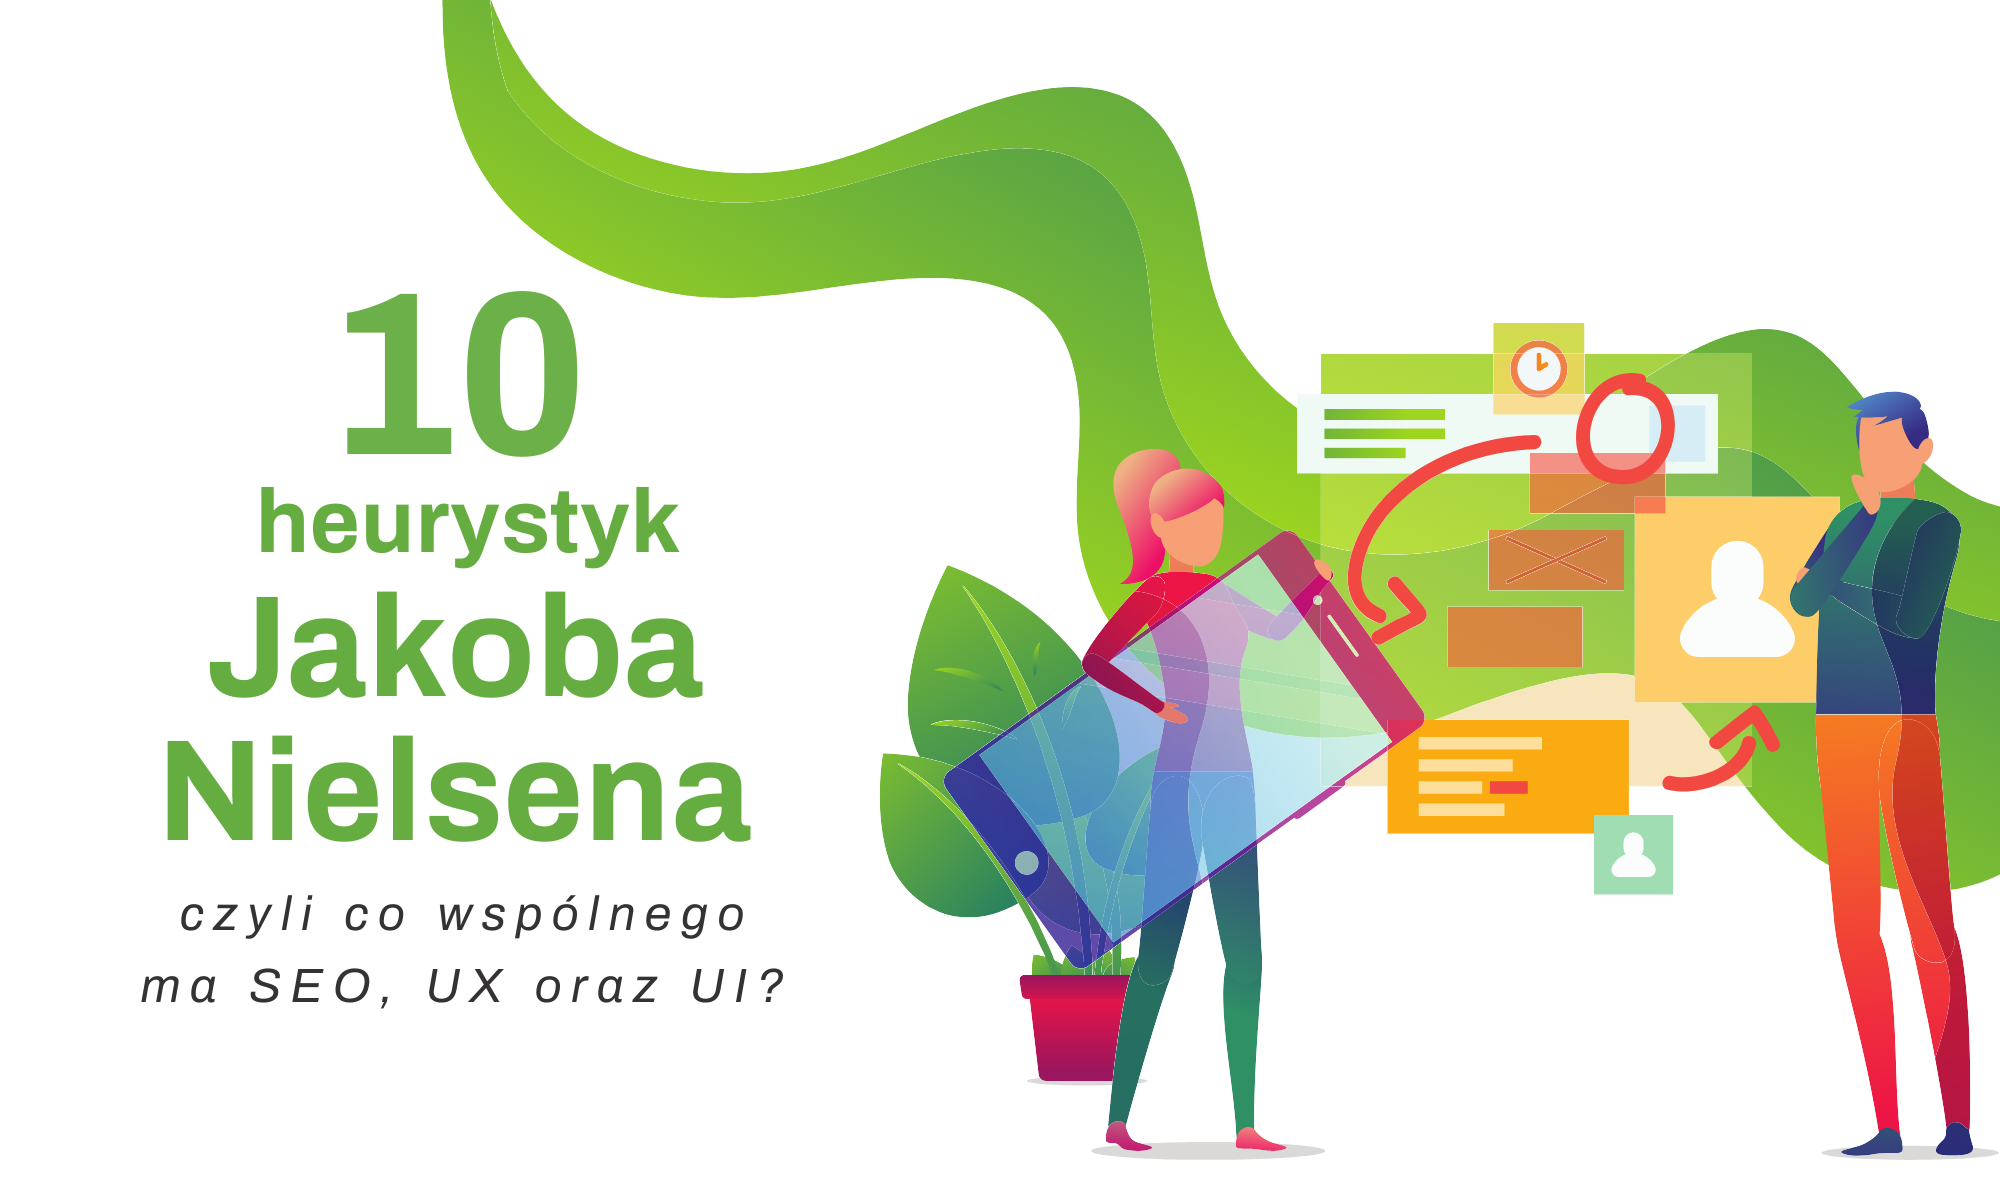 10 heurystyk Jakoba Nielsena, czyli co wspólnego ma SEO, UX oraz UI?